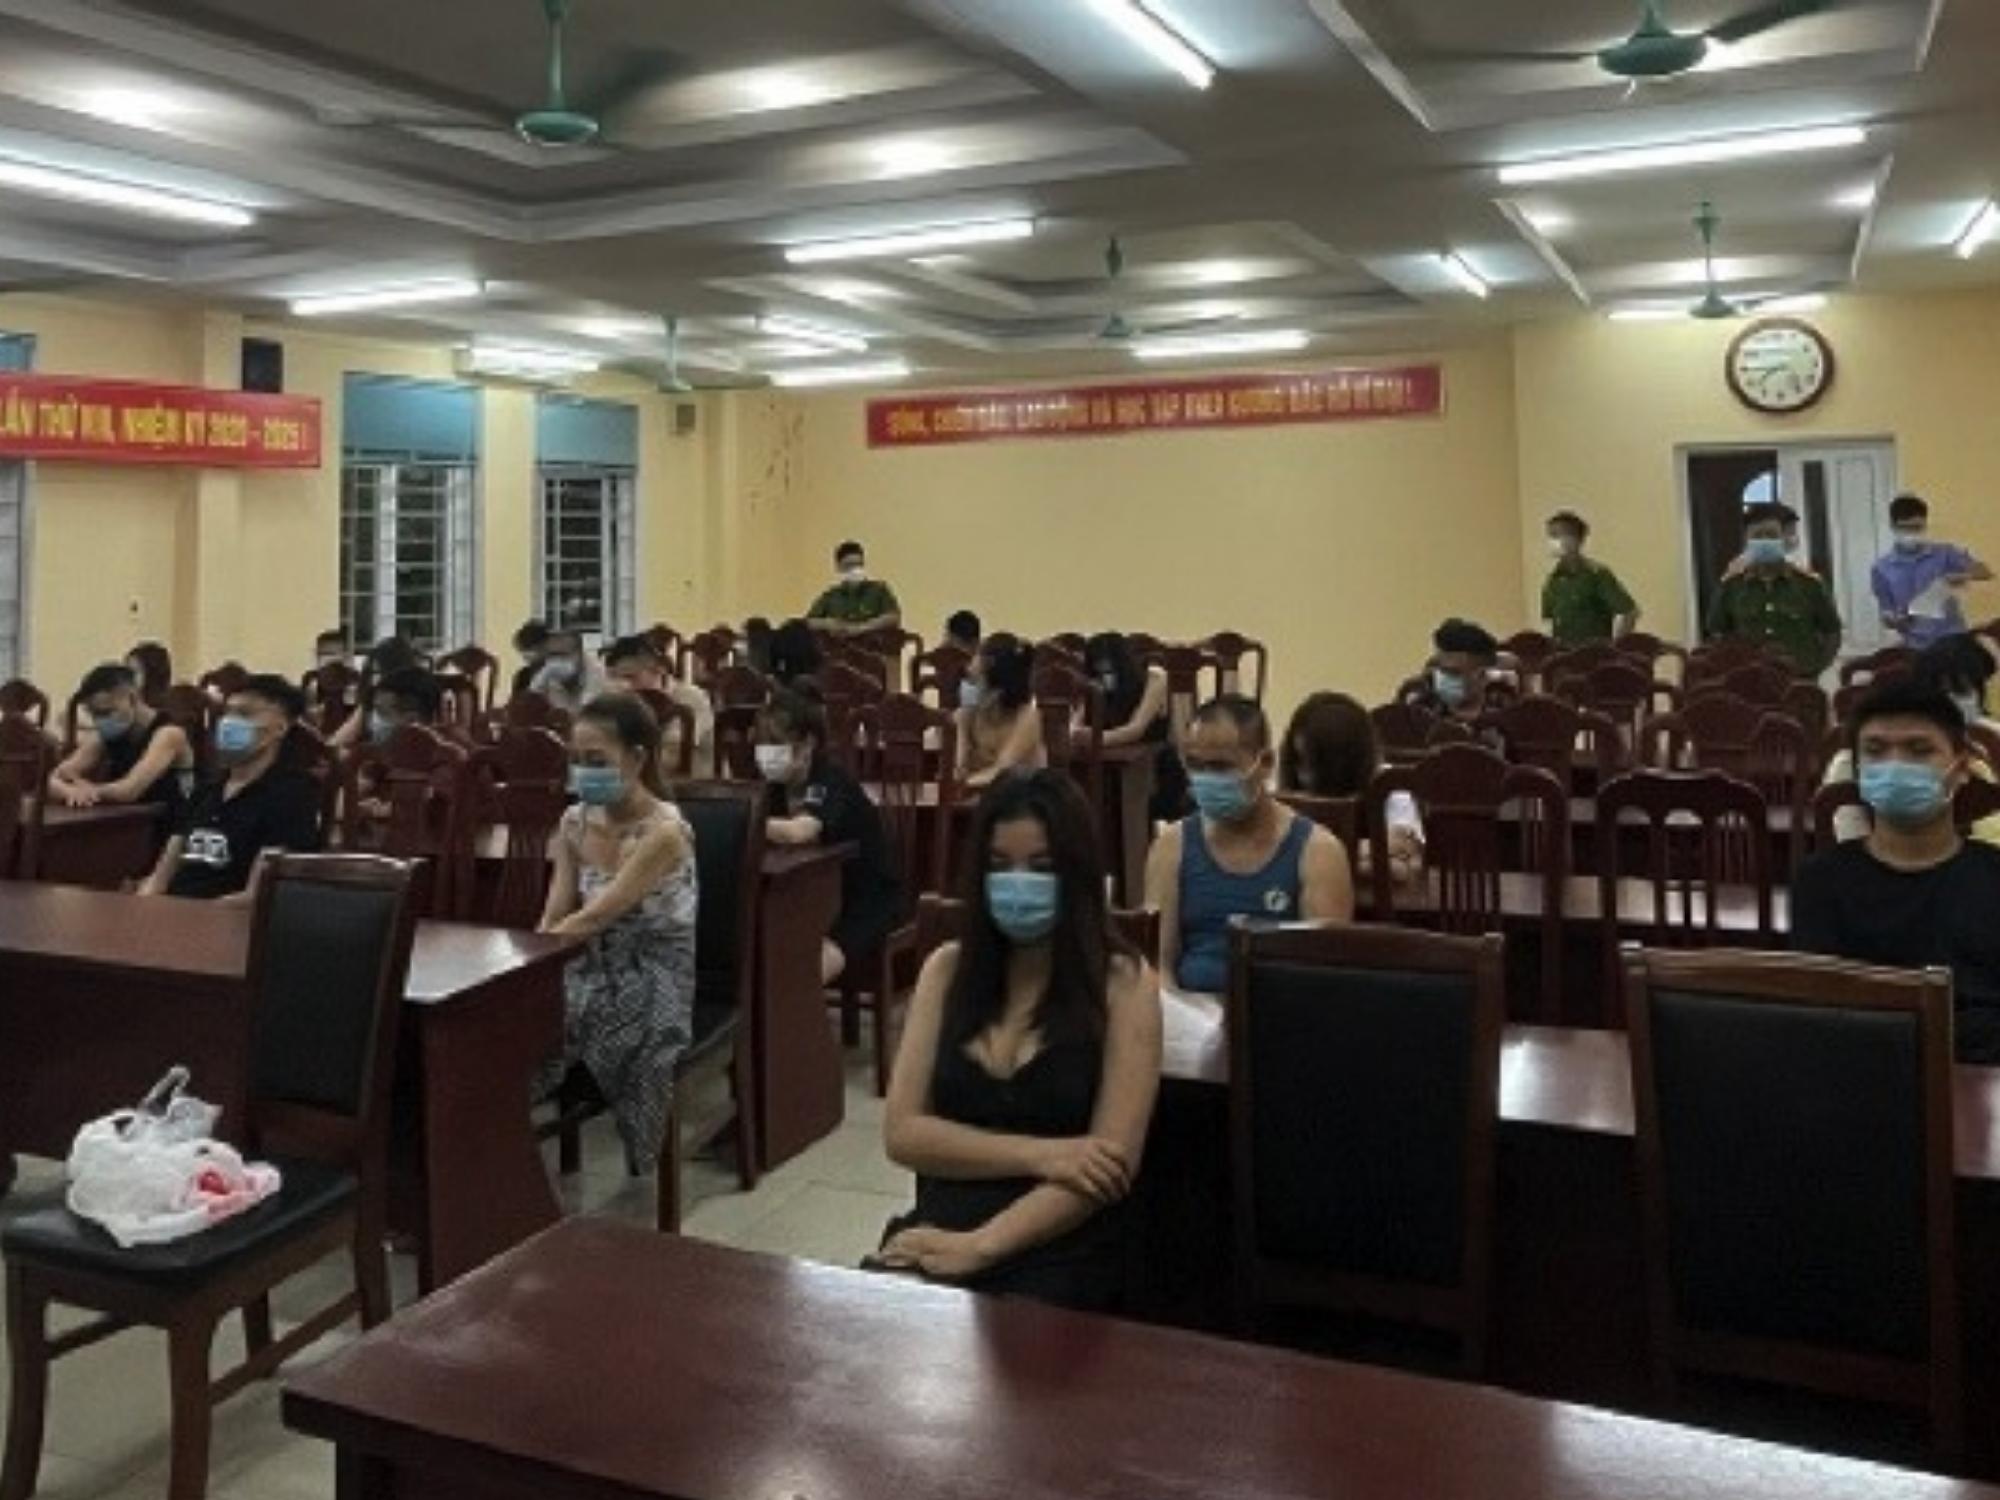 Bất chấp dịch bệnh, hàng chục 'khách làng chơi' mạnh tay book phòng VIP ở Hải Dương để tụ tập 'thác loạn', mở 'tiệc' chất cấm